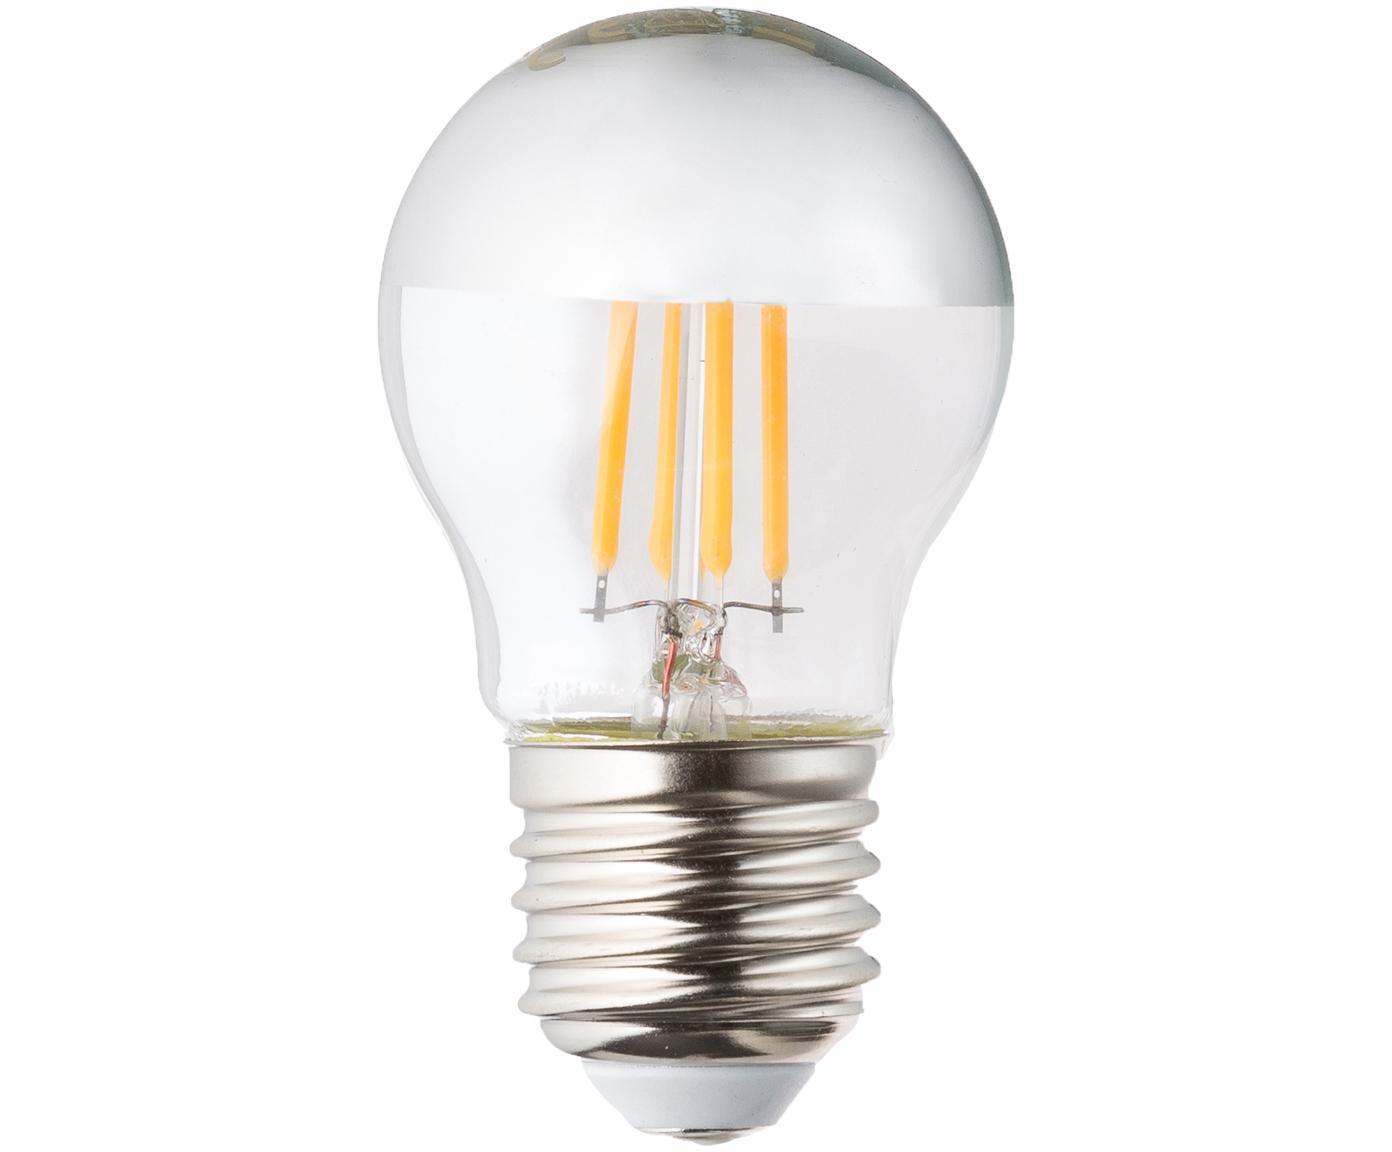 Żarówka z funkcją przyciemniania Gamiel (E27/4,8 W), 3 szt., Transparentny, chrom, Ø 5 x W 8 cm